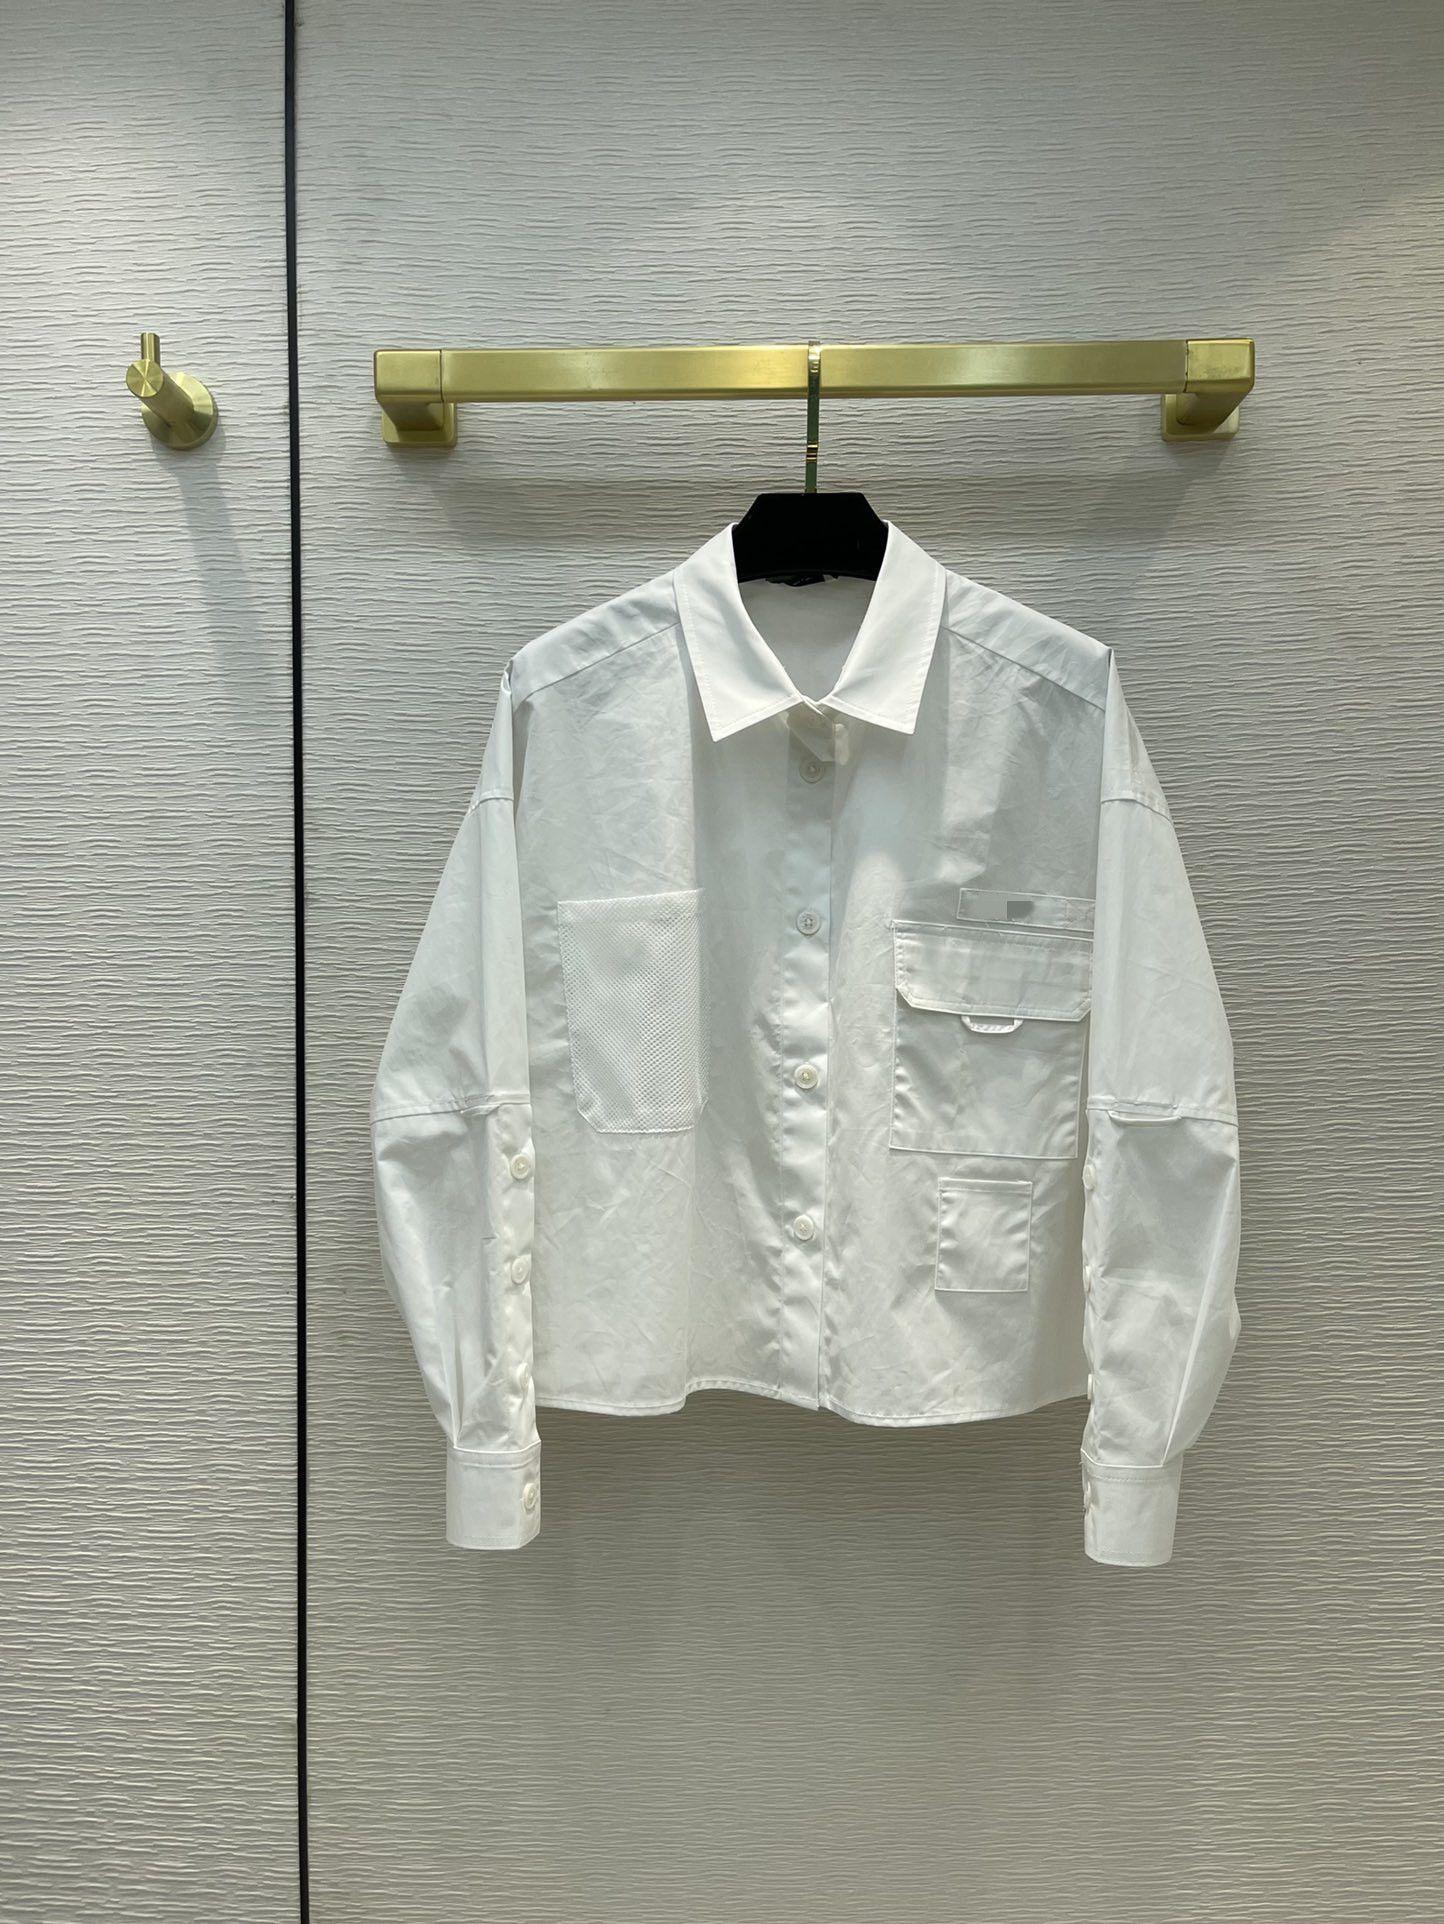 Milano pist gömlek 2021 fener kol yaka boyun baskı tasarımcı bluzlar marka aynı stil kadın 0526-26